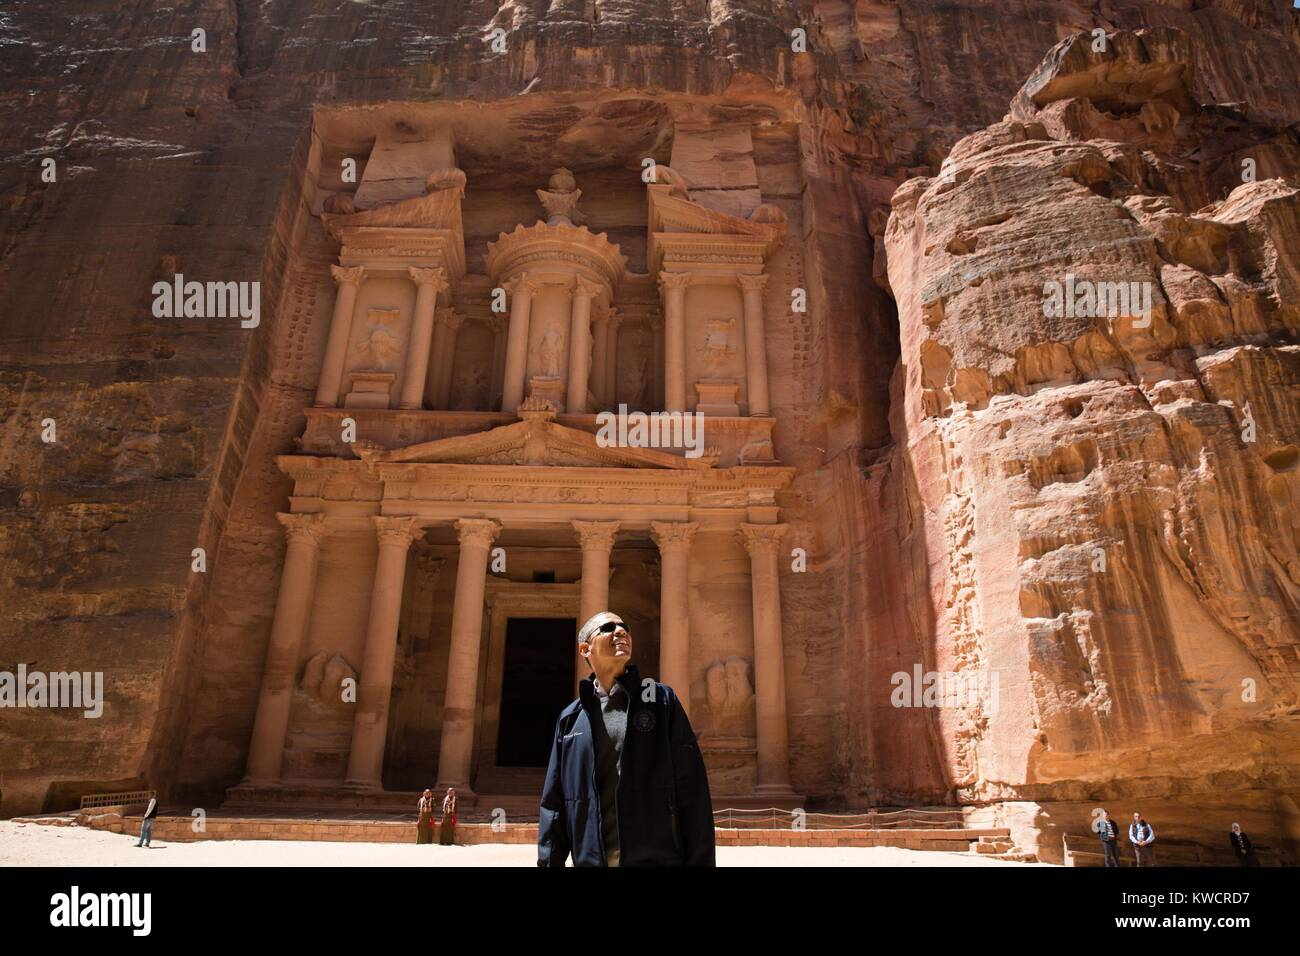 Präsident Barack Obama in der Nähe des Treasury bei der antiken Stadt Petra in Jordanien. März 23, Stockbild